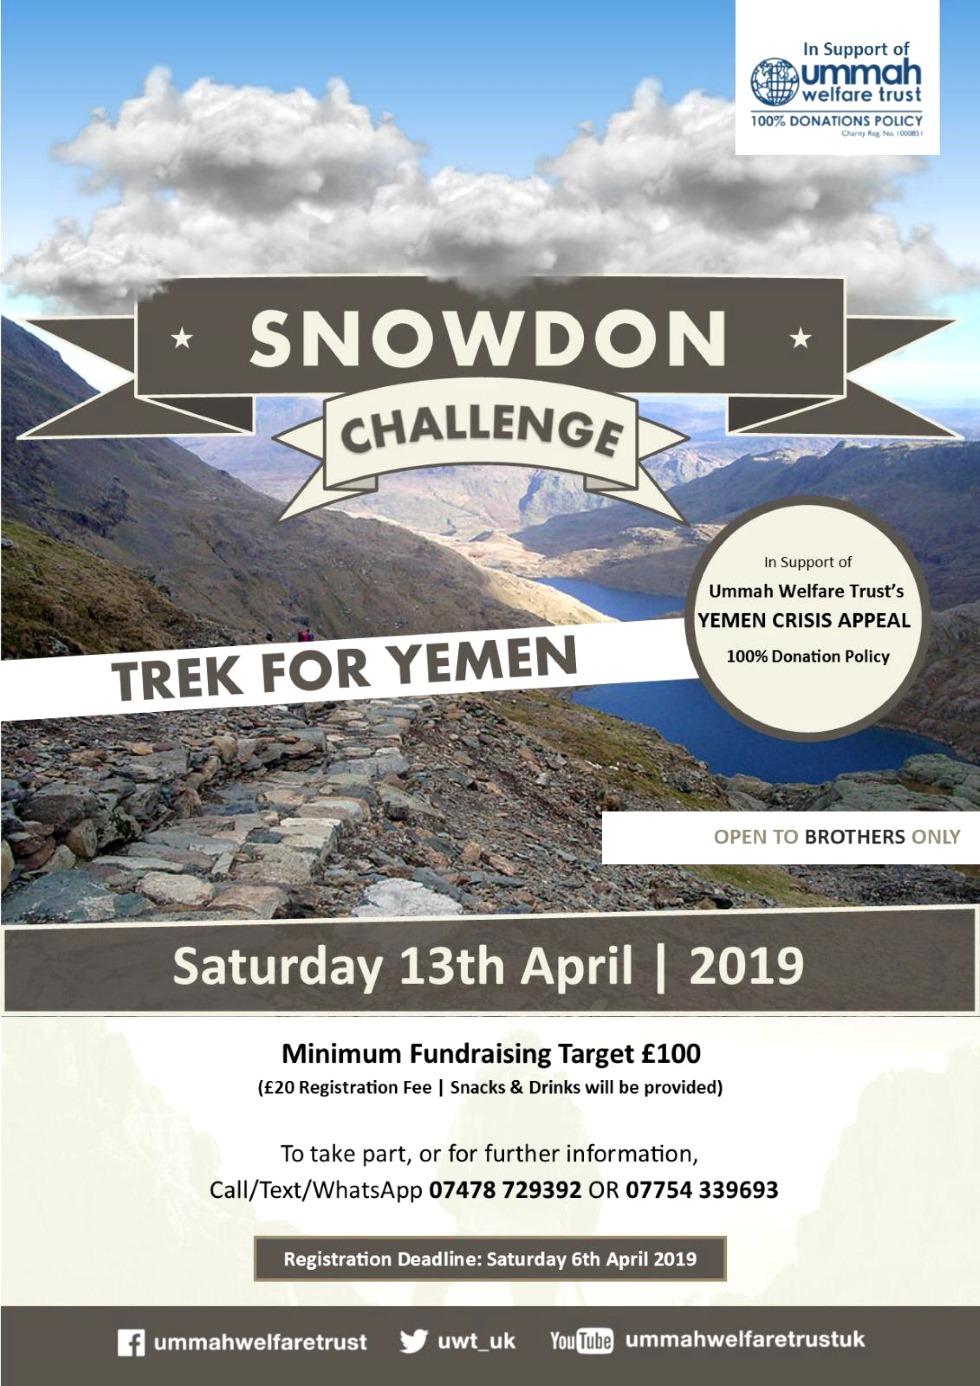 Snowdon-Challenge